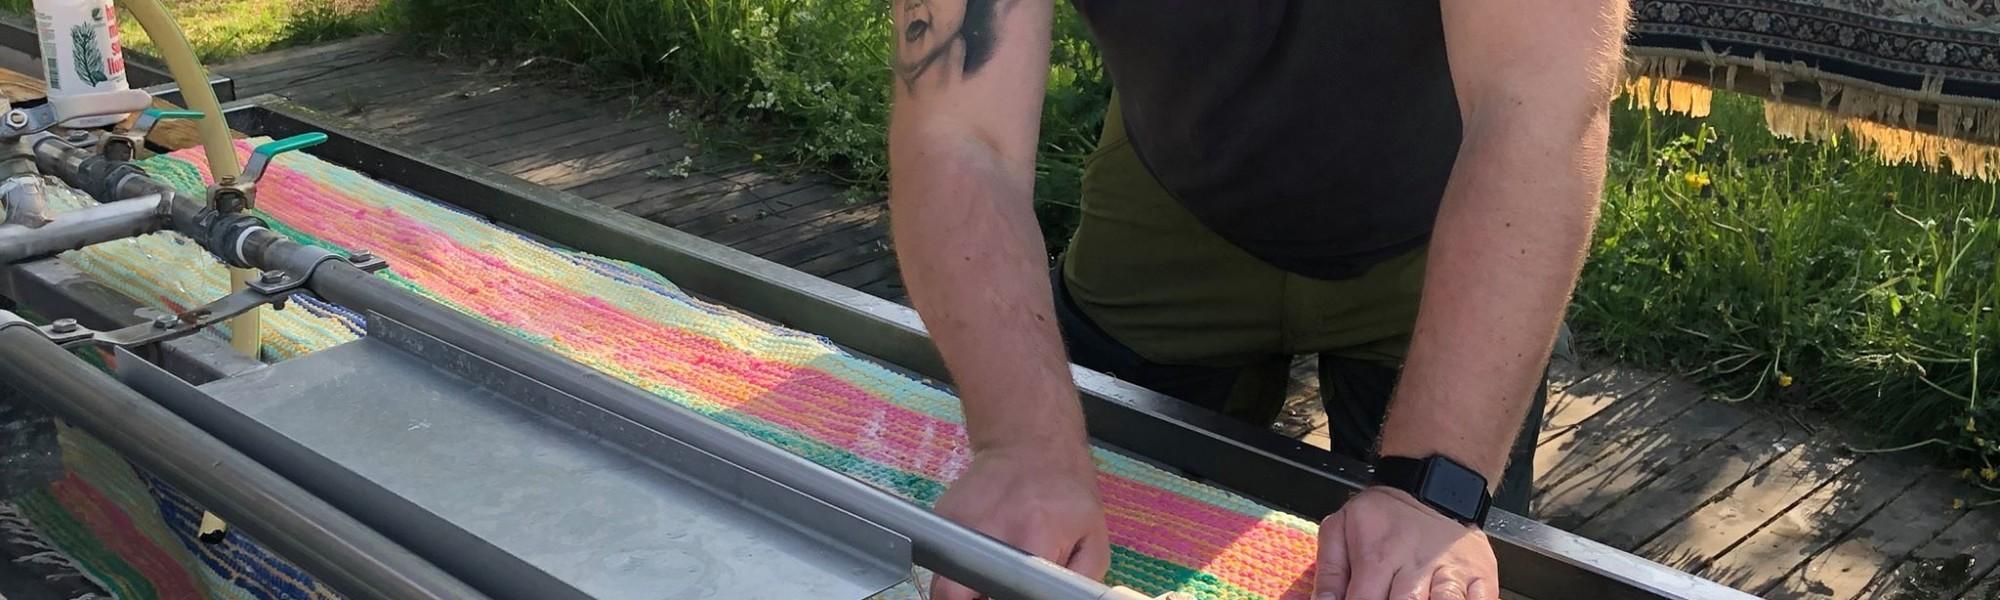 Mies pesemässä mattoja